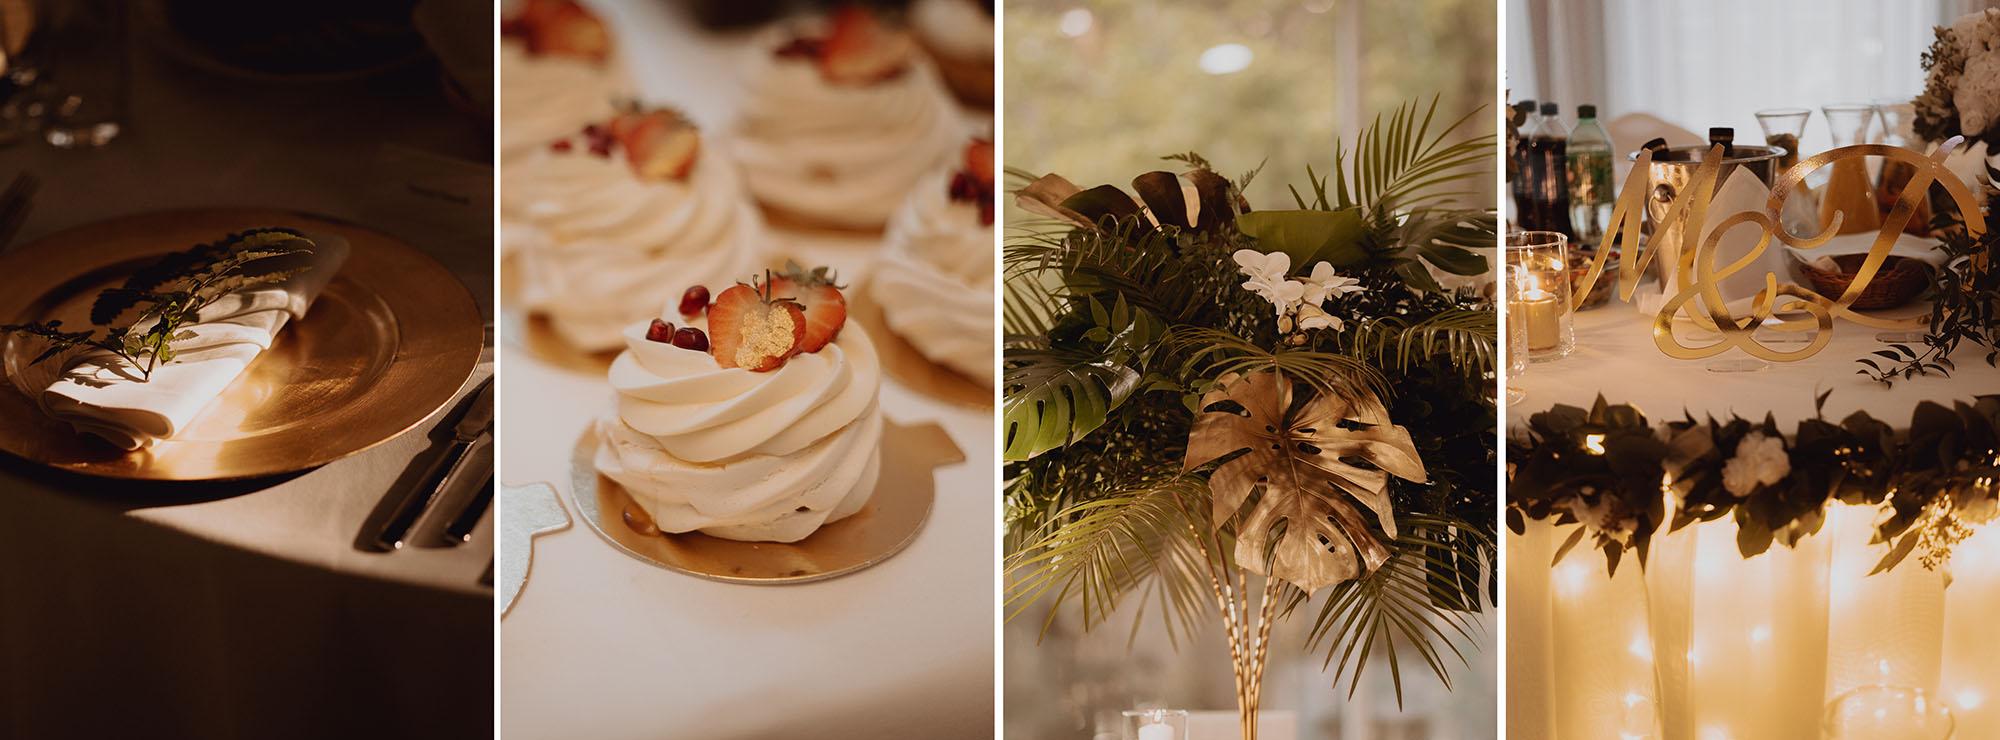 slubnedetale - Te rzeczy sprawią, że dzień ślubu będzie piękniejszy